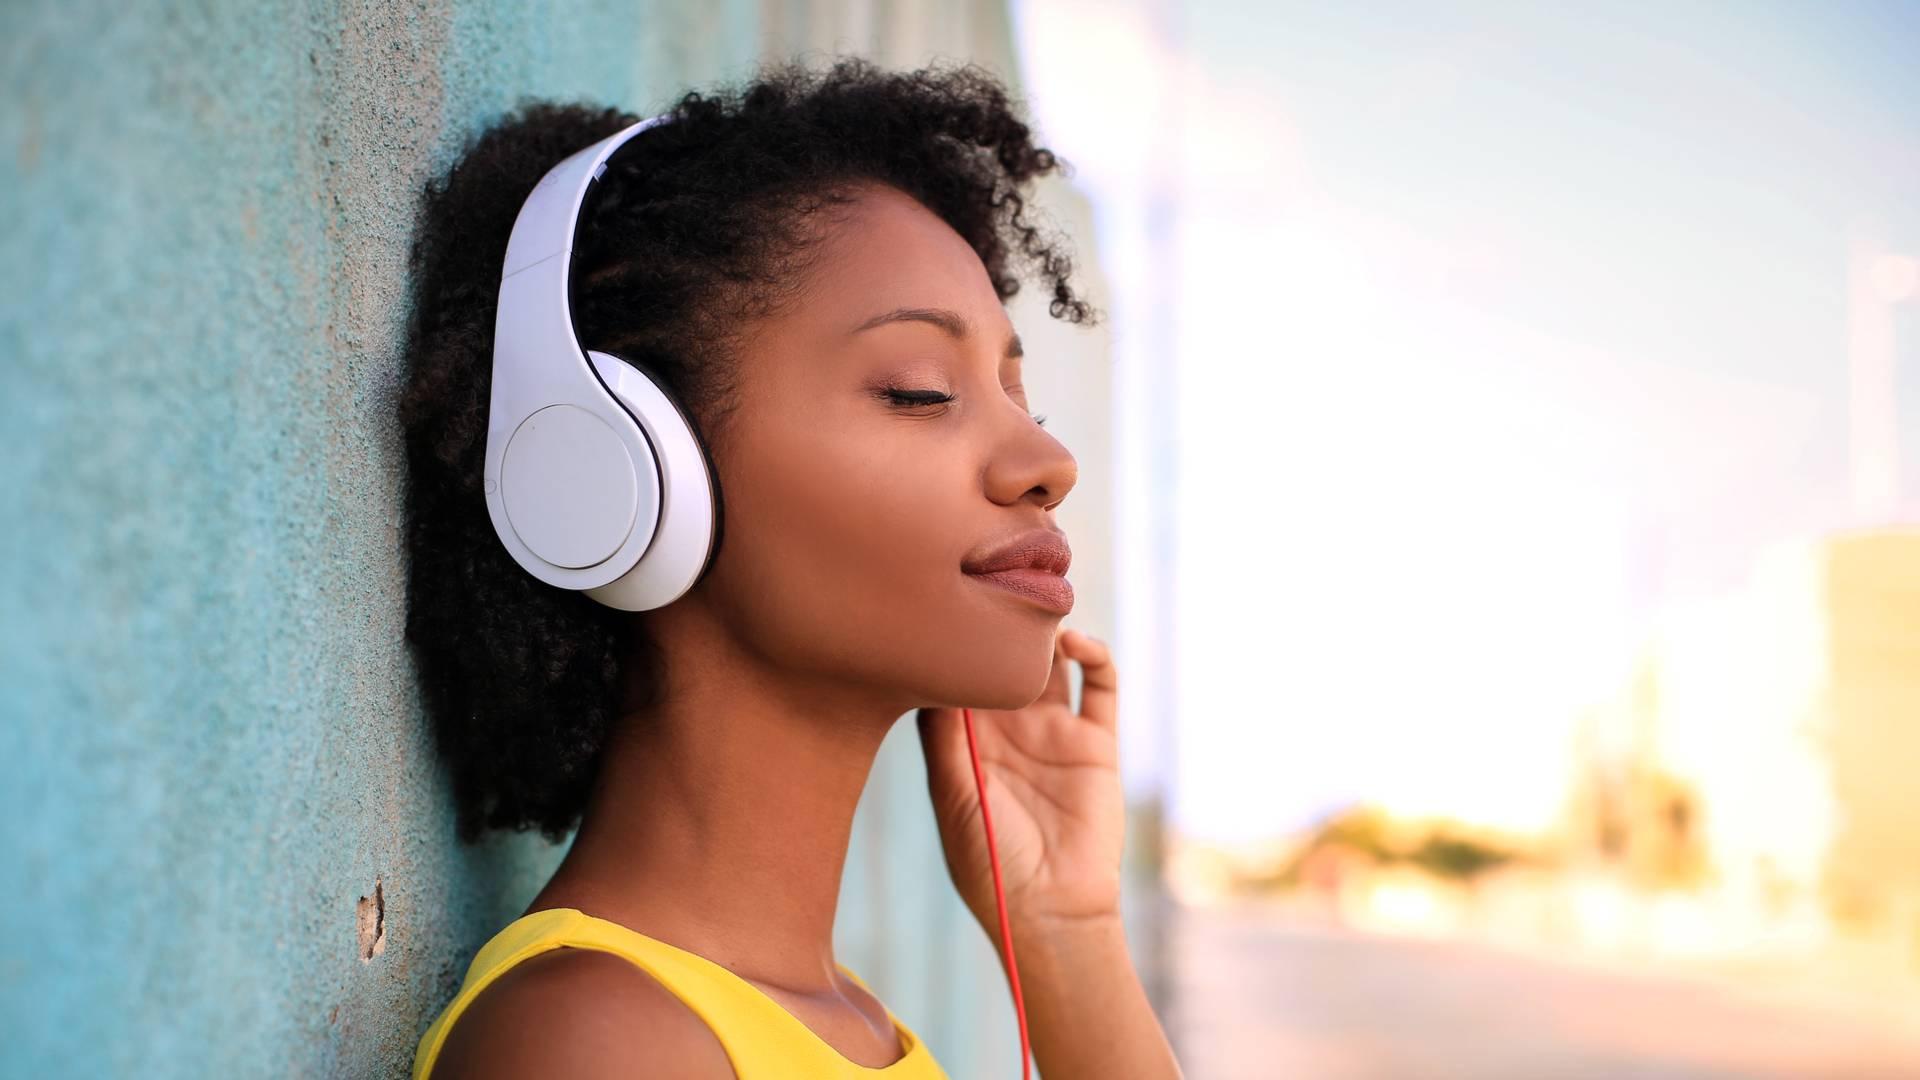 Mulher usando um fone de ouvido over-ear para escutar música